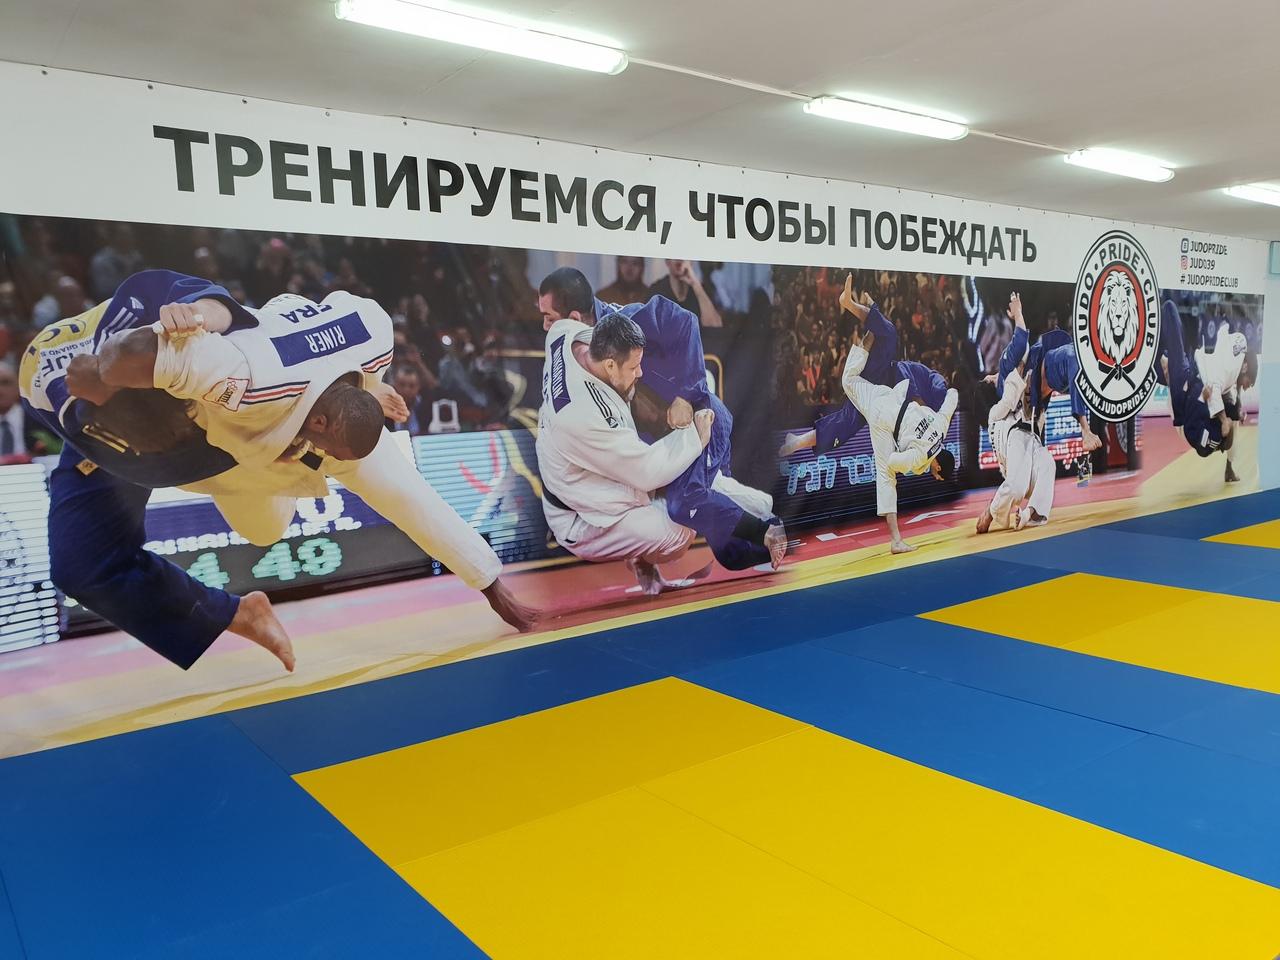 Дзюдо Прайд зал на Б. Хмельницкого